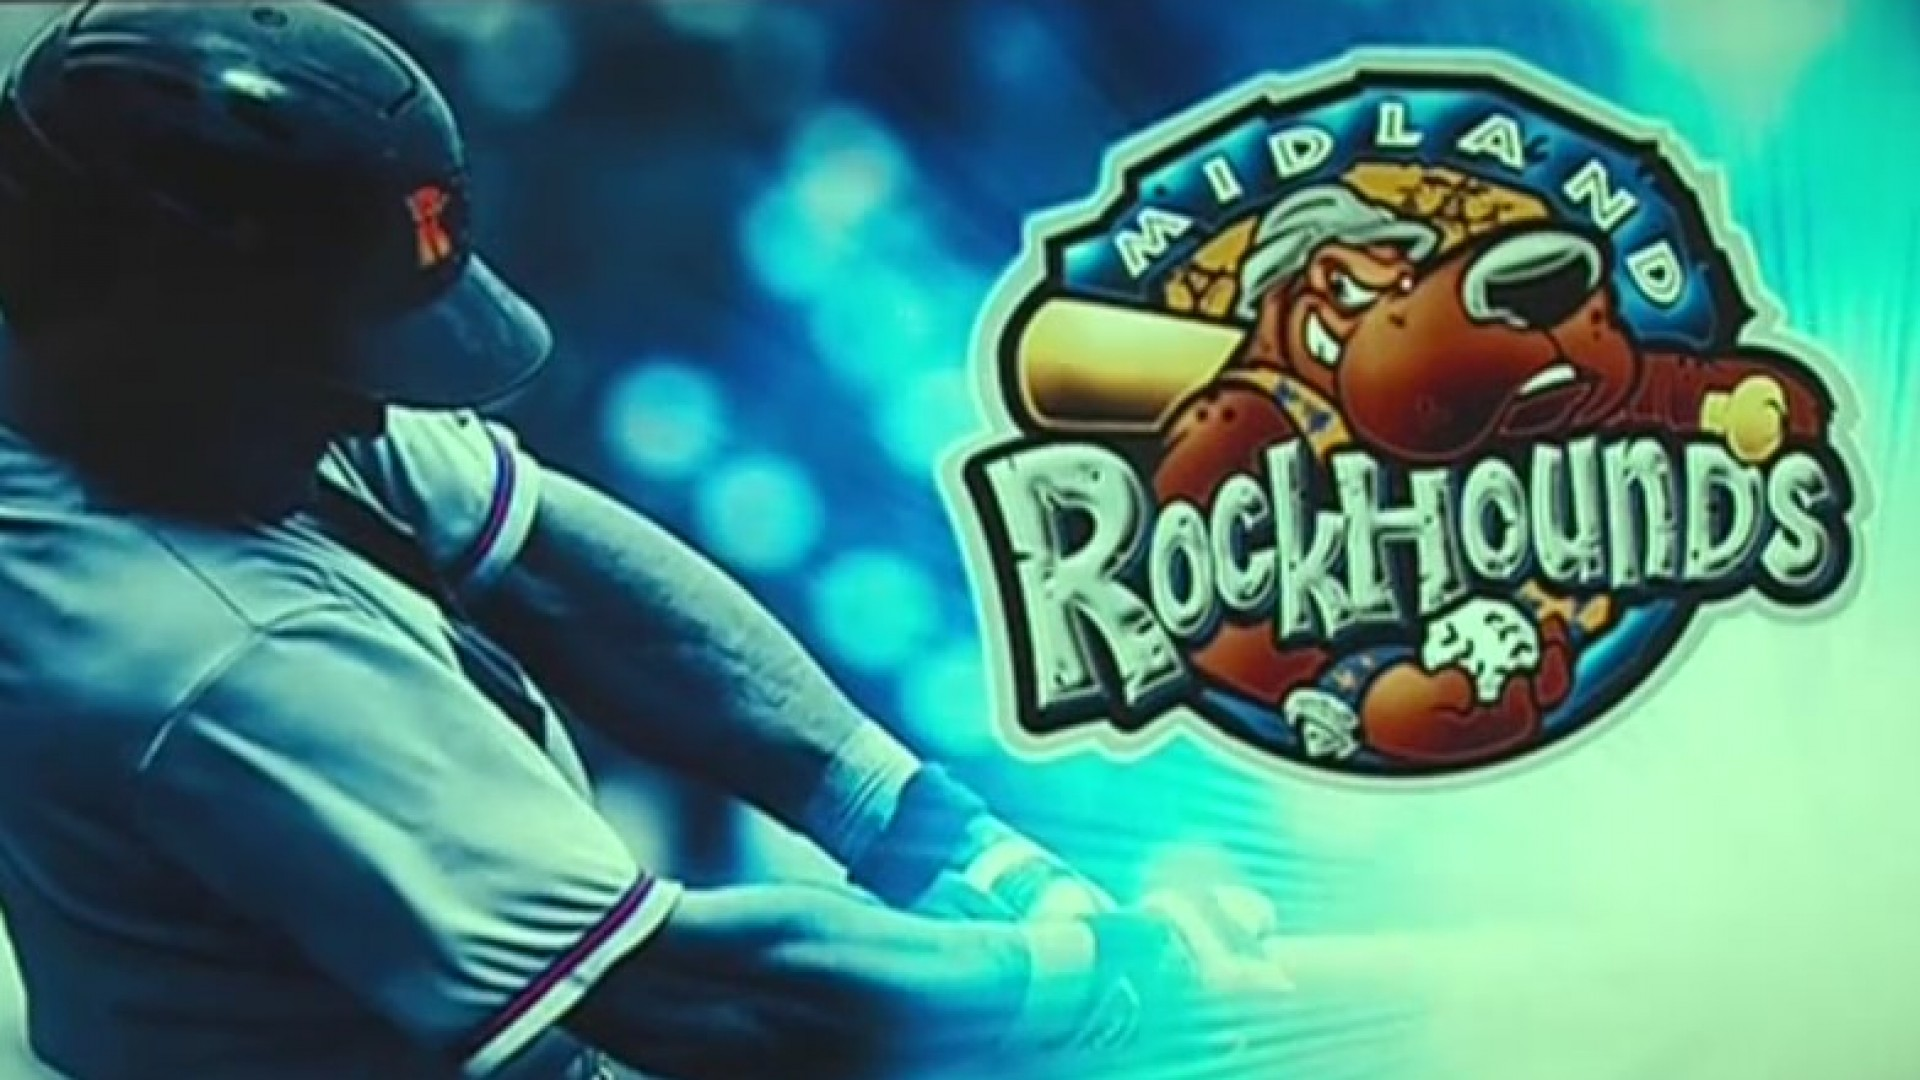 Seven_Rockhounds_make_All_Star_game_rost_0_20190615033446